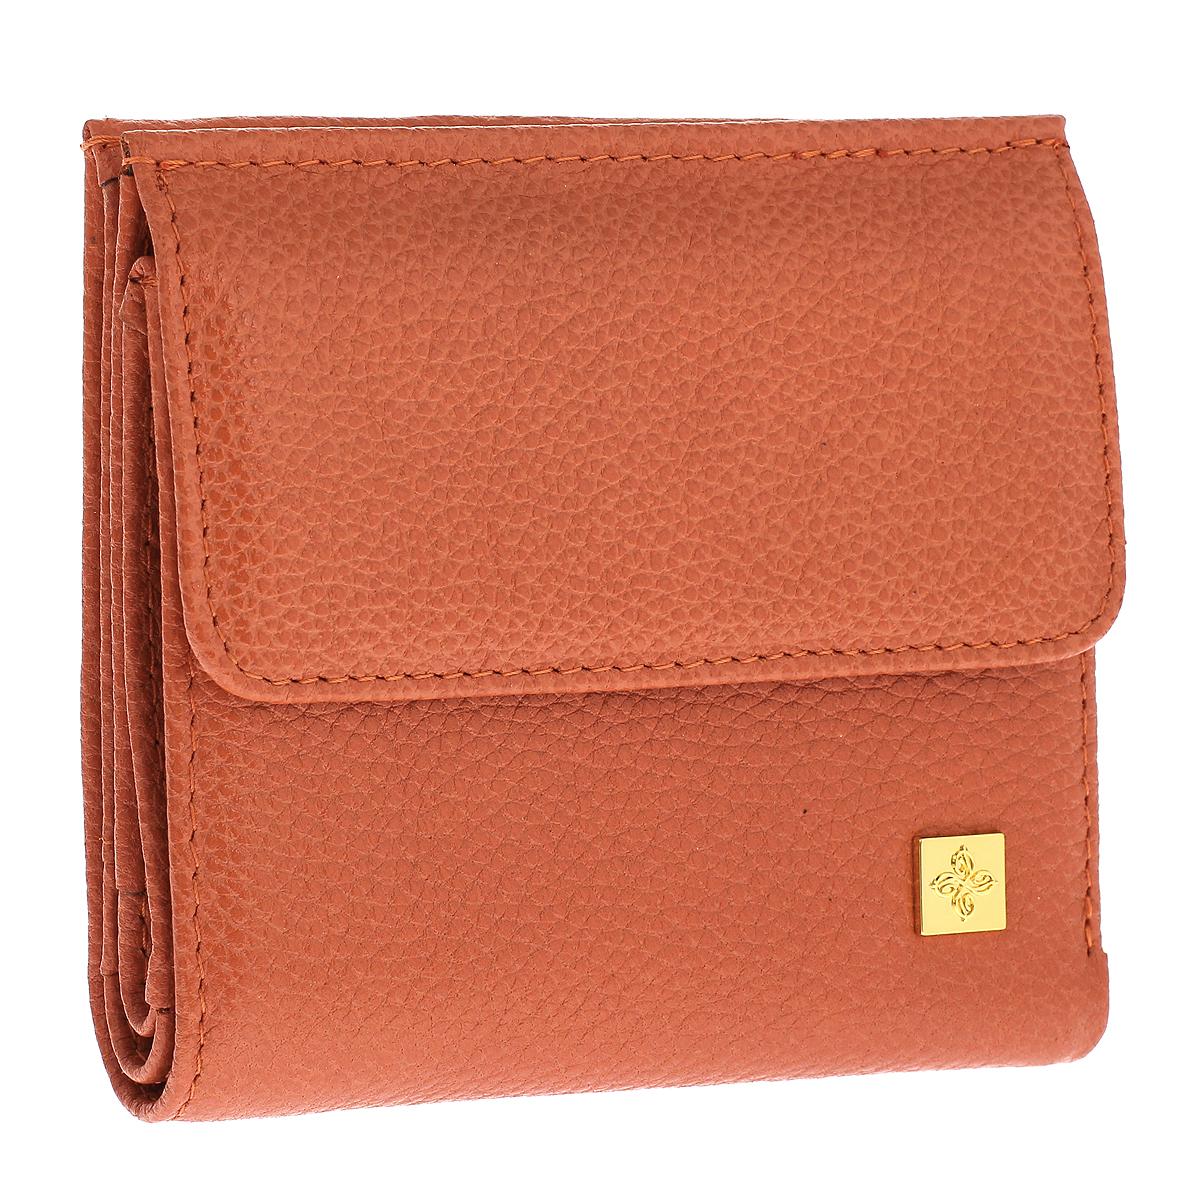 Кошелек женский Dimanche Corail, цвет: оранжевый. 943943Кошелек Dimanche Corail изготовлен из натуральной кожи оранжевого цвета. Закрывается на магнитную кнопку. На передней стенке расположен объемный карман для мелочи, закрывающийся клапаном на кнопку. Внутри кошелька содержится 2 отделения для купюр, дополнительный карман на молнии, 2 прорезных кармана для пластиковых карт, кармашек для сим-карты, 2 потайных вертикальных кармашка для мелких бумаг и окошко для фотографии. Внутри кошелек отделан атласным полиэстером бежевого цвета с узором. Фурнитура - золотистого цвета. Стильный кошелек отлично дополнит ваш образ и станет незаменимым аксессуаром на каждый день. Упакован в фирменную картонную коробку коричневого цвета.